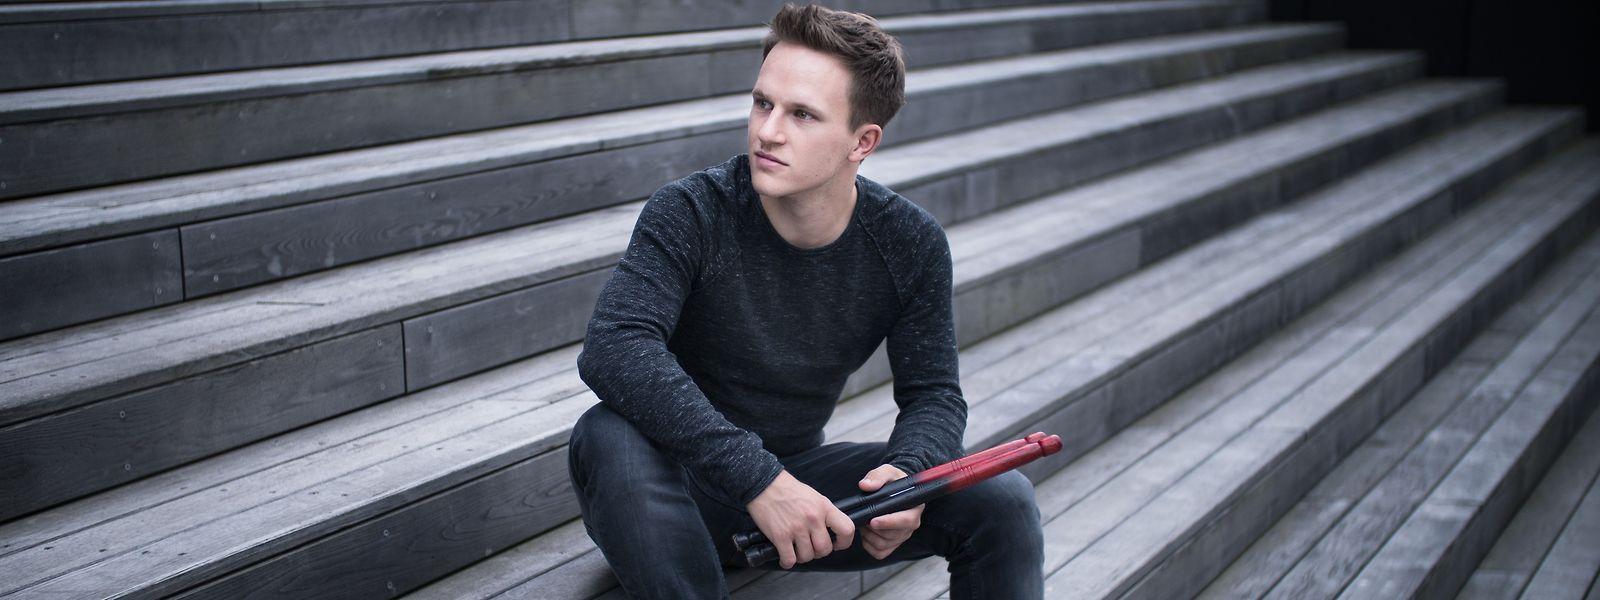 Sein nächstes Konzert in der Philharmonie spielt Christoph Sietzen unter anderem auf Ölfässern und Autofedern.